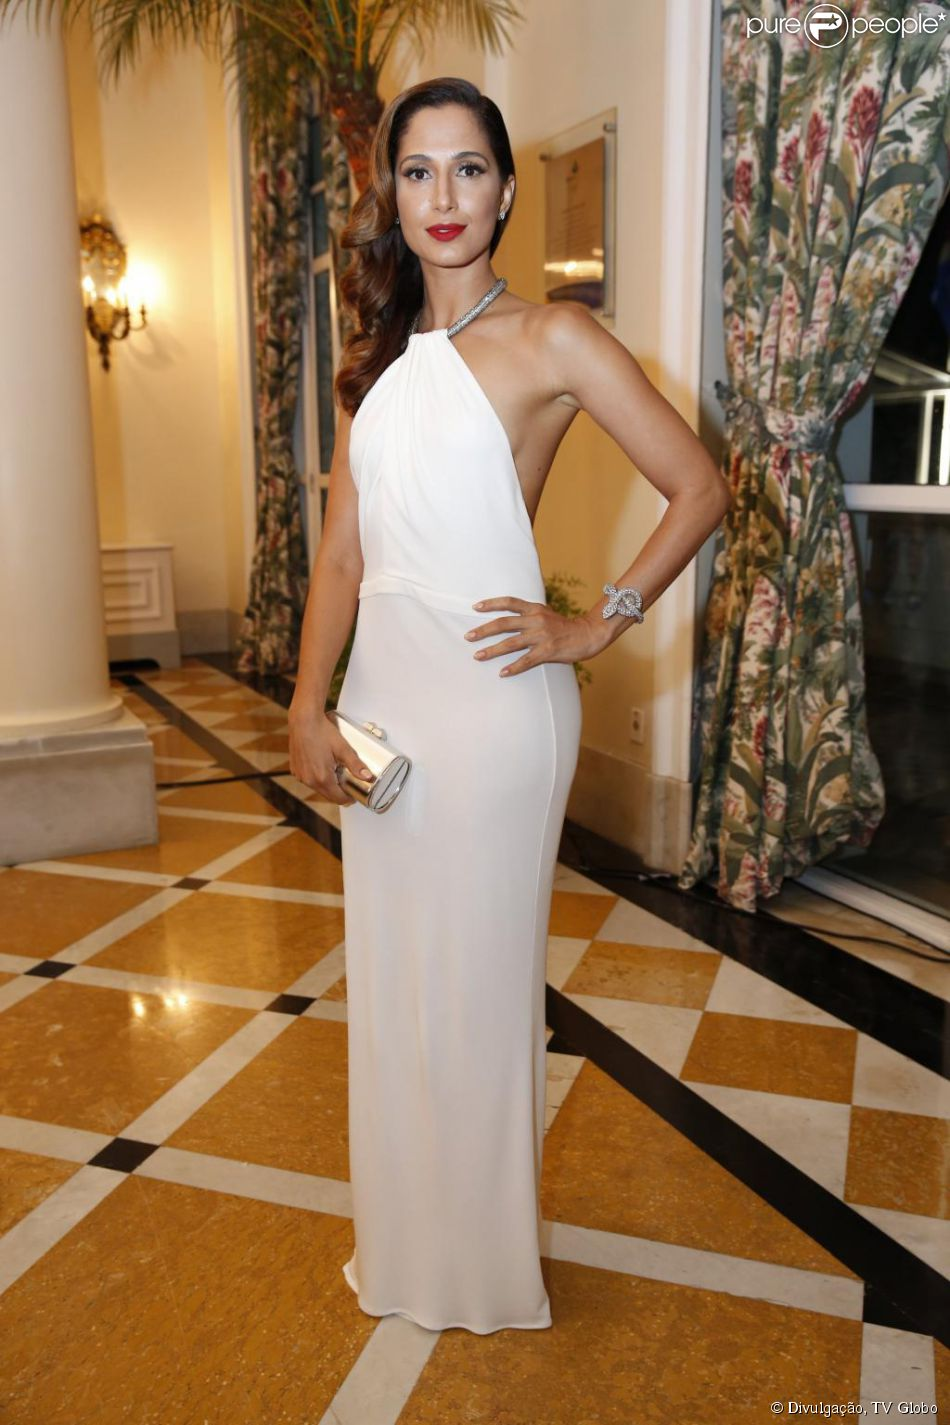 Camila Pitanga vai receber R$ 330 mil da revista 'Playboy', de acordo com o colunista Ancelmo Gois, do jornal 'O Globo', nesta quinta-feira, 2 de julho de 2015